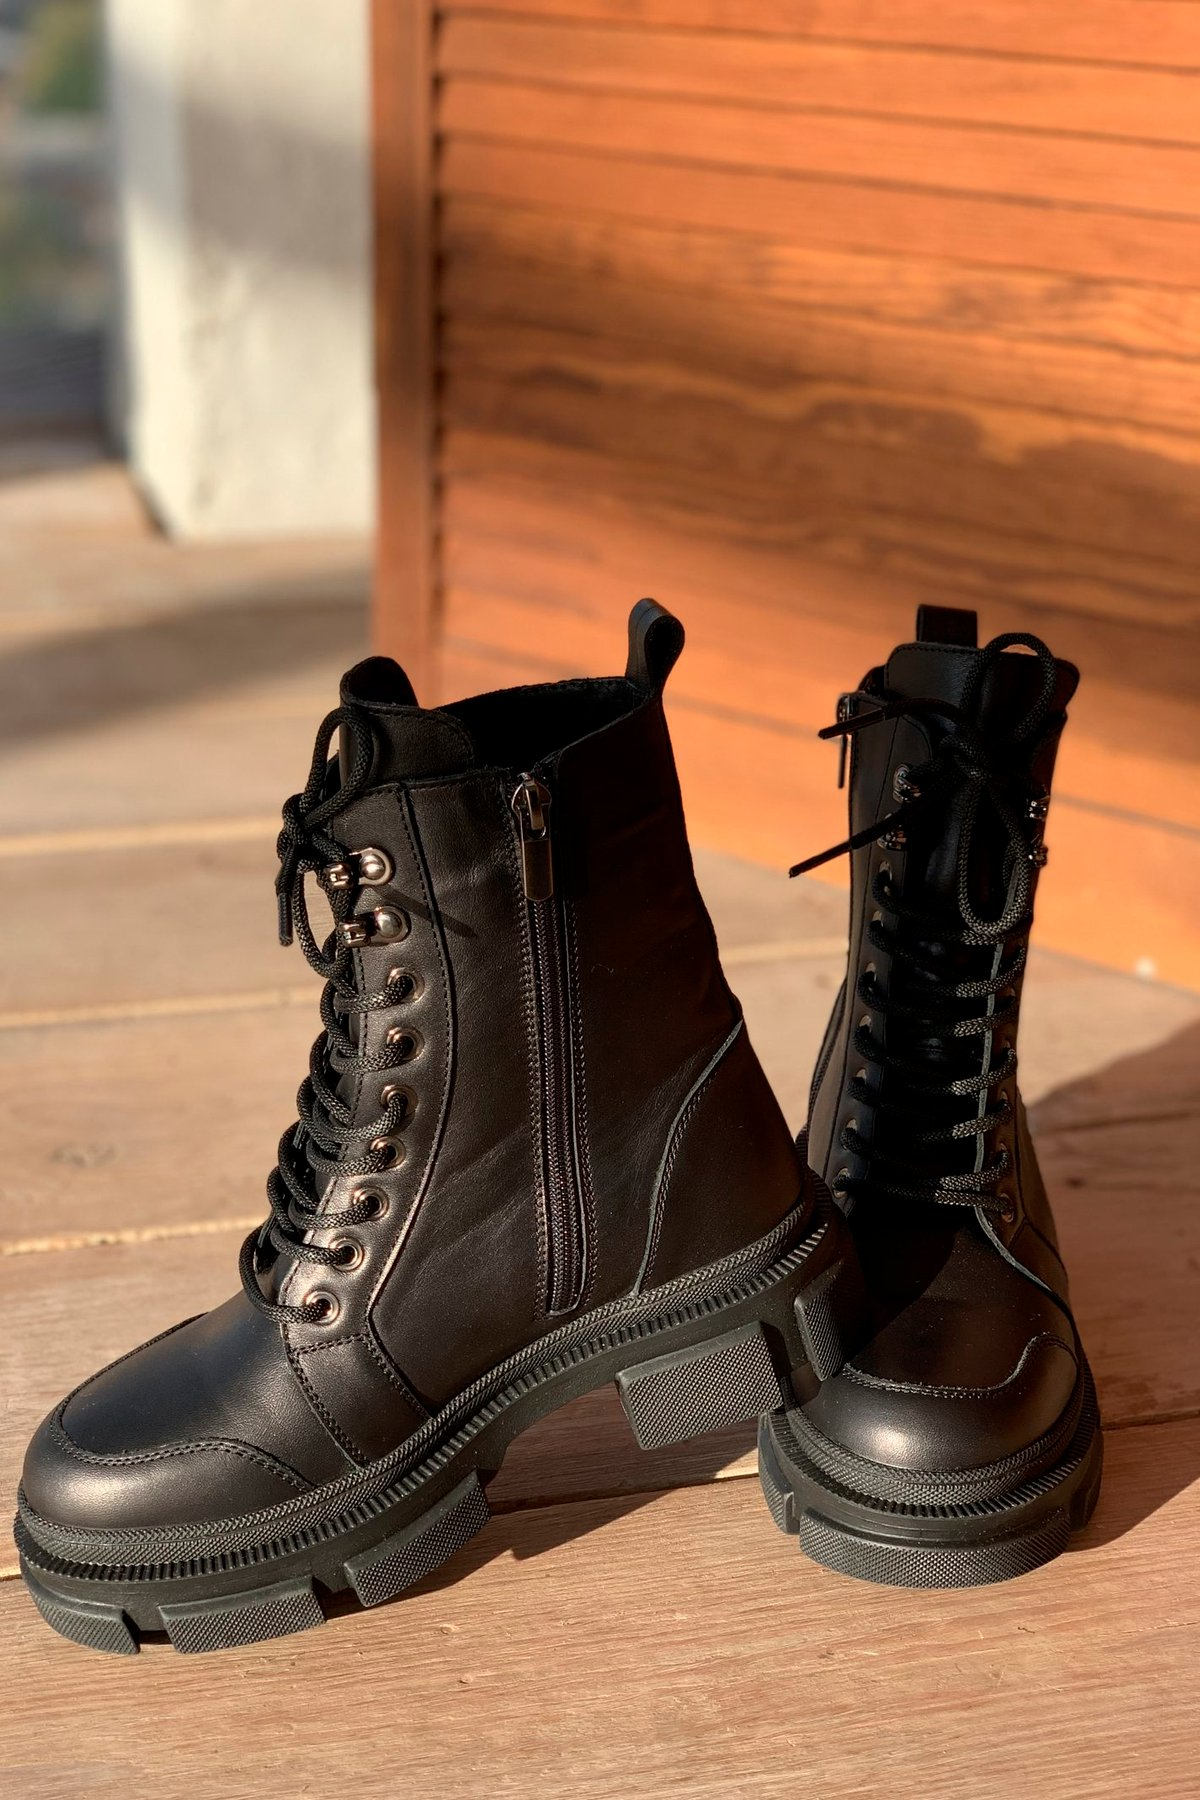 Ботинки зимние 260/7 АРТ. 46300 Цвет: Черный - фото 4, интернет магазин tm-modus.ru